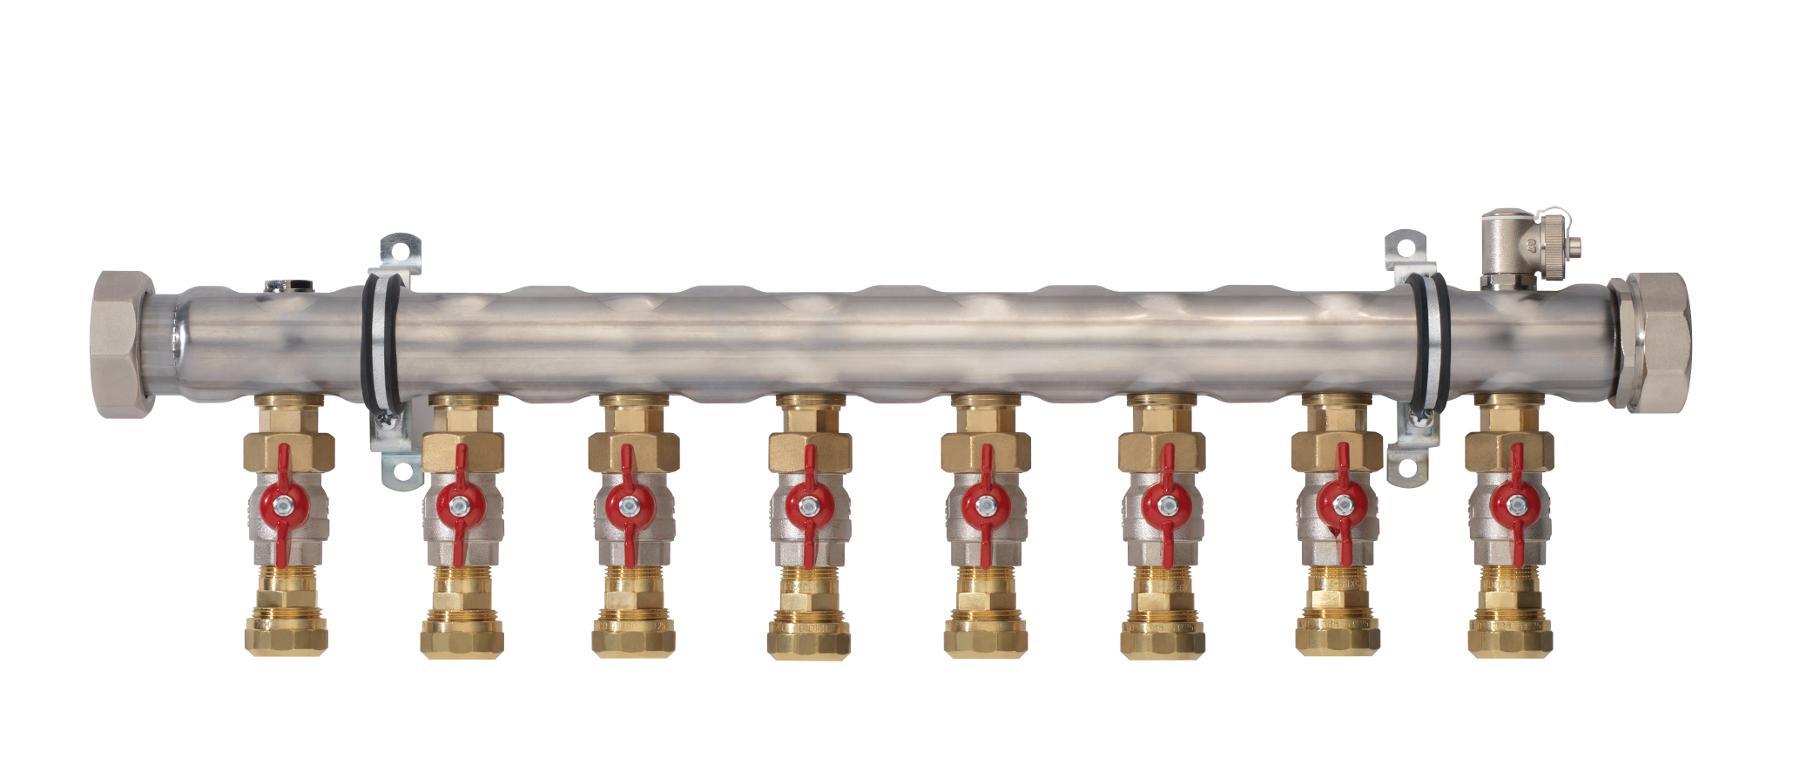 Промышленный коллектор с регулирующими вентилями на 6 контуров